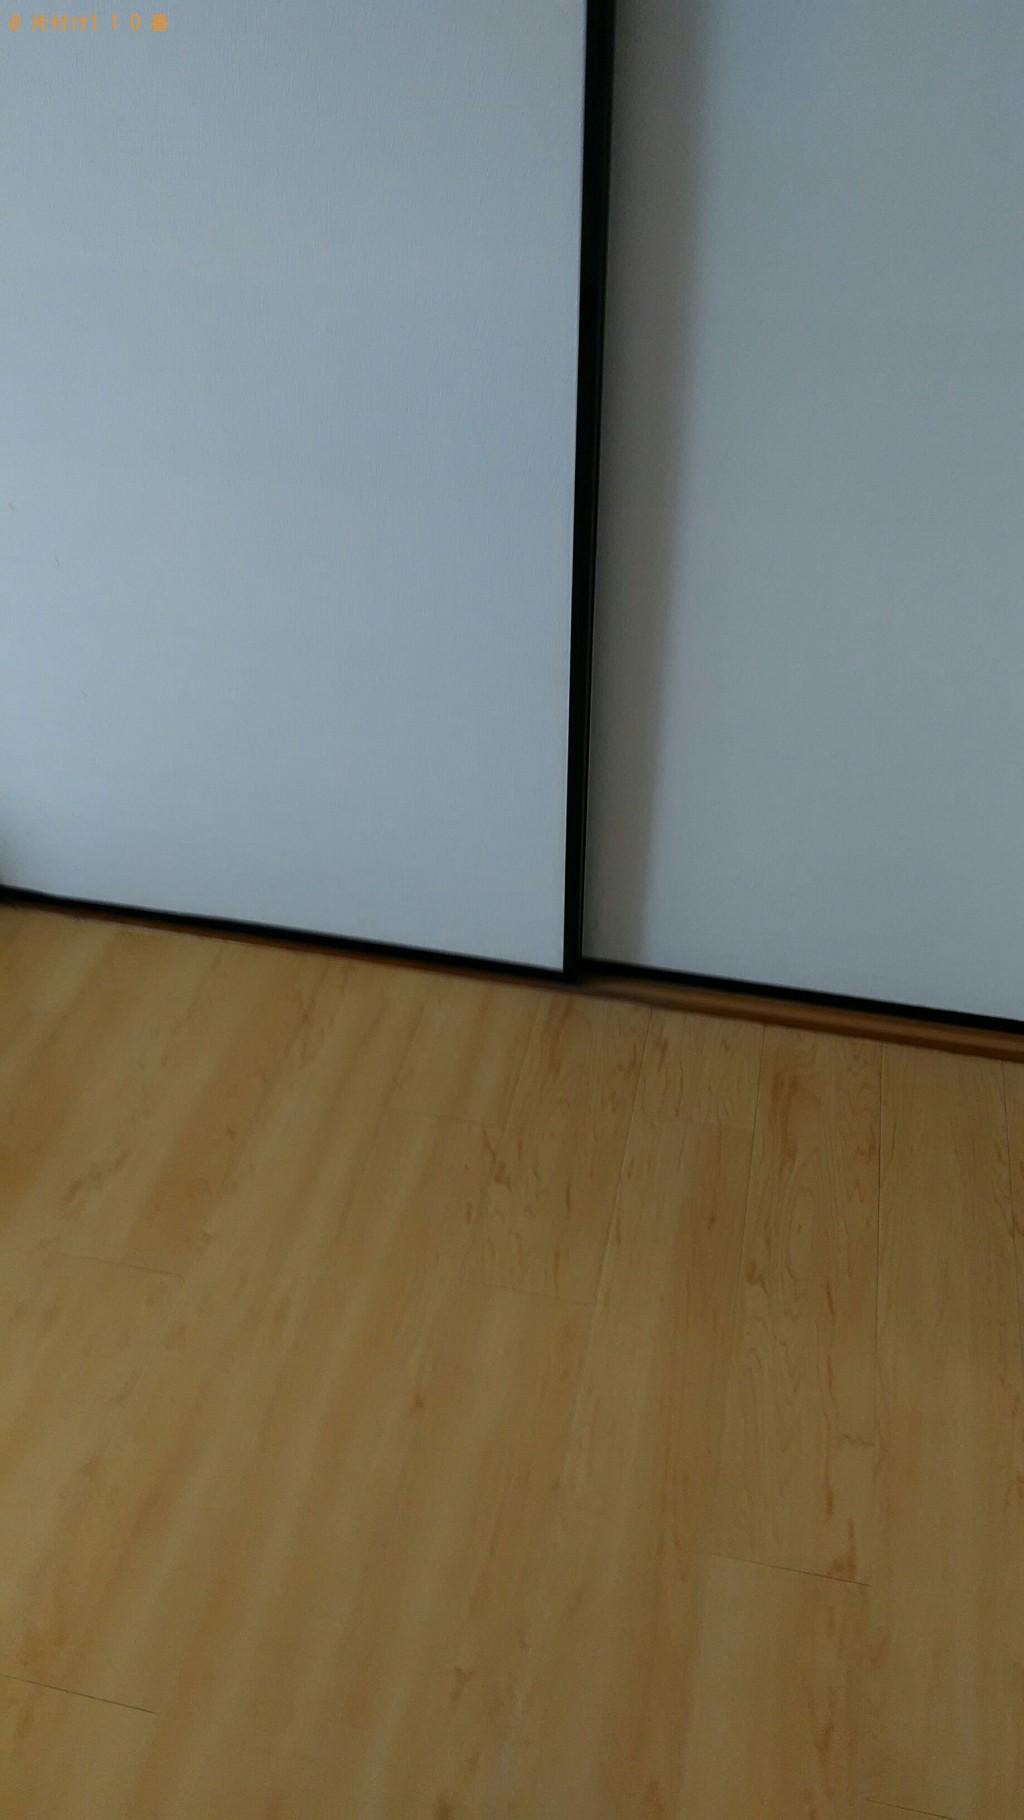 【鳥取県日野町】折り畳みベッド、自転車、炊飯器等の処分 お客様の声